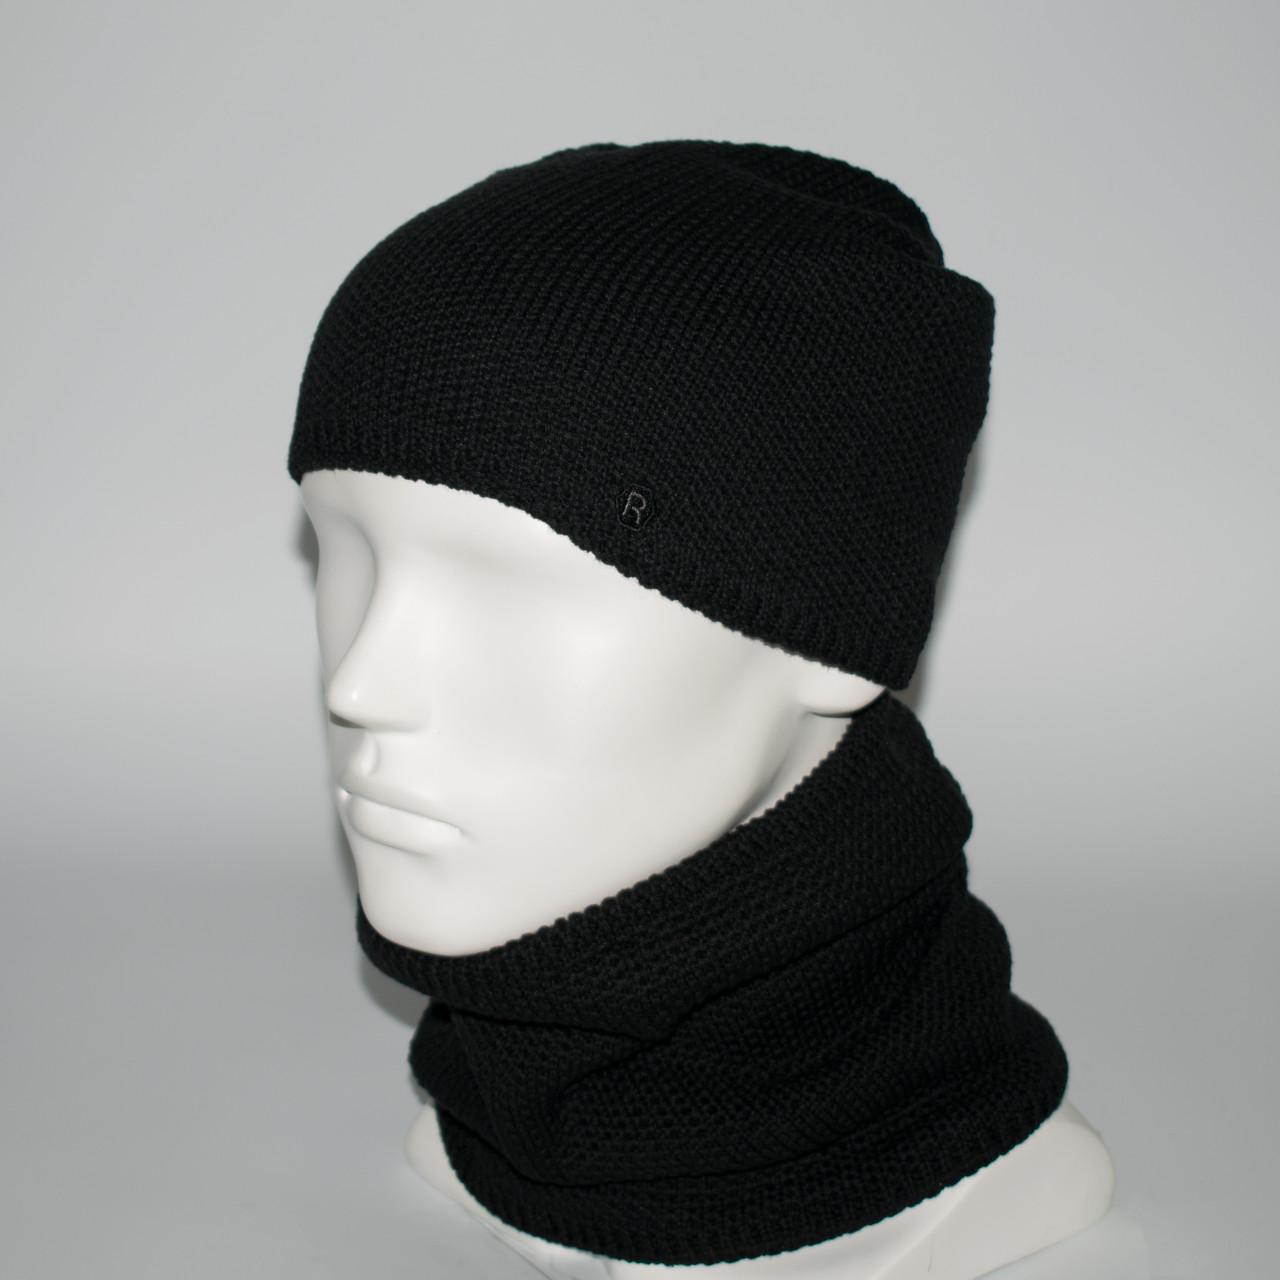 Мужской комплект шапка + бафф (код 00470)